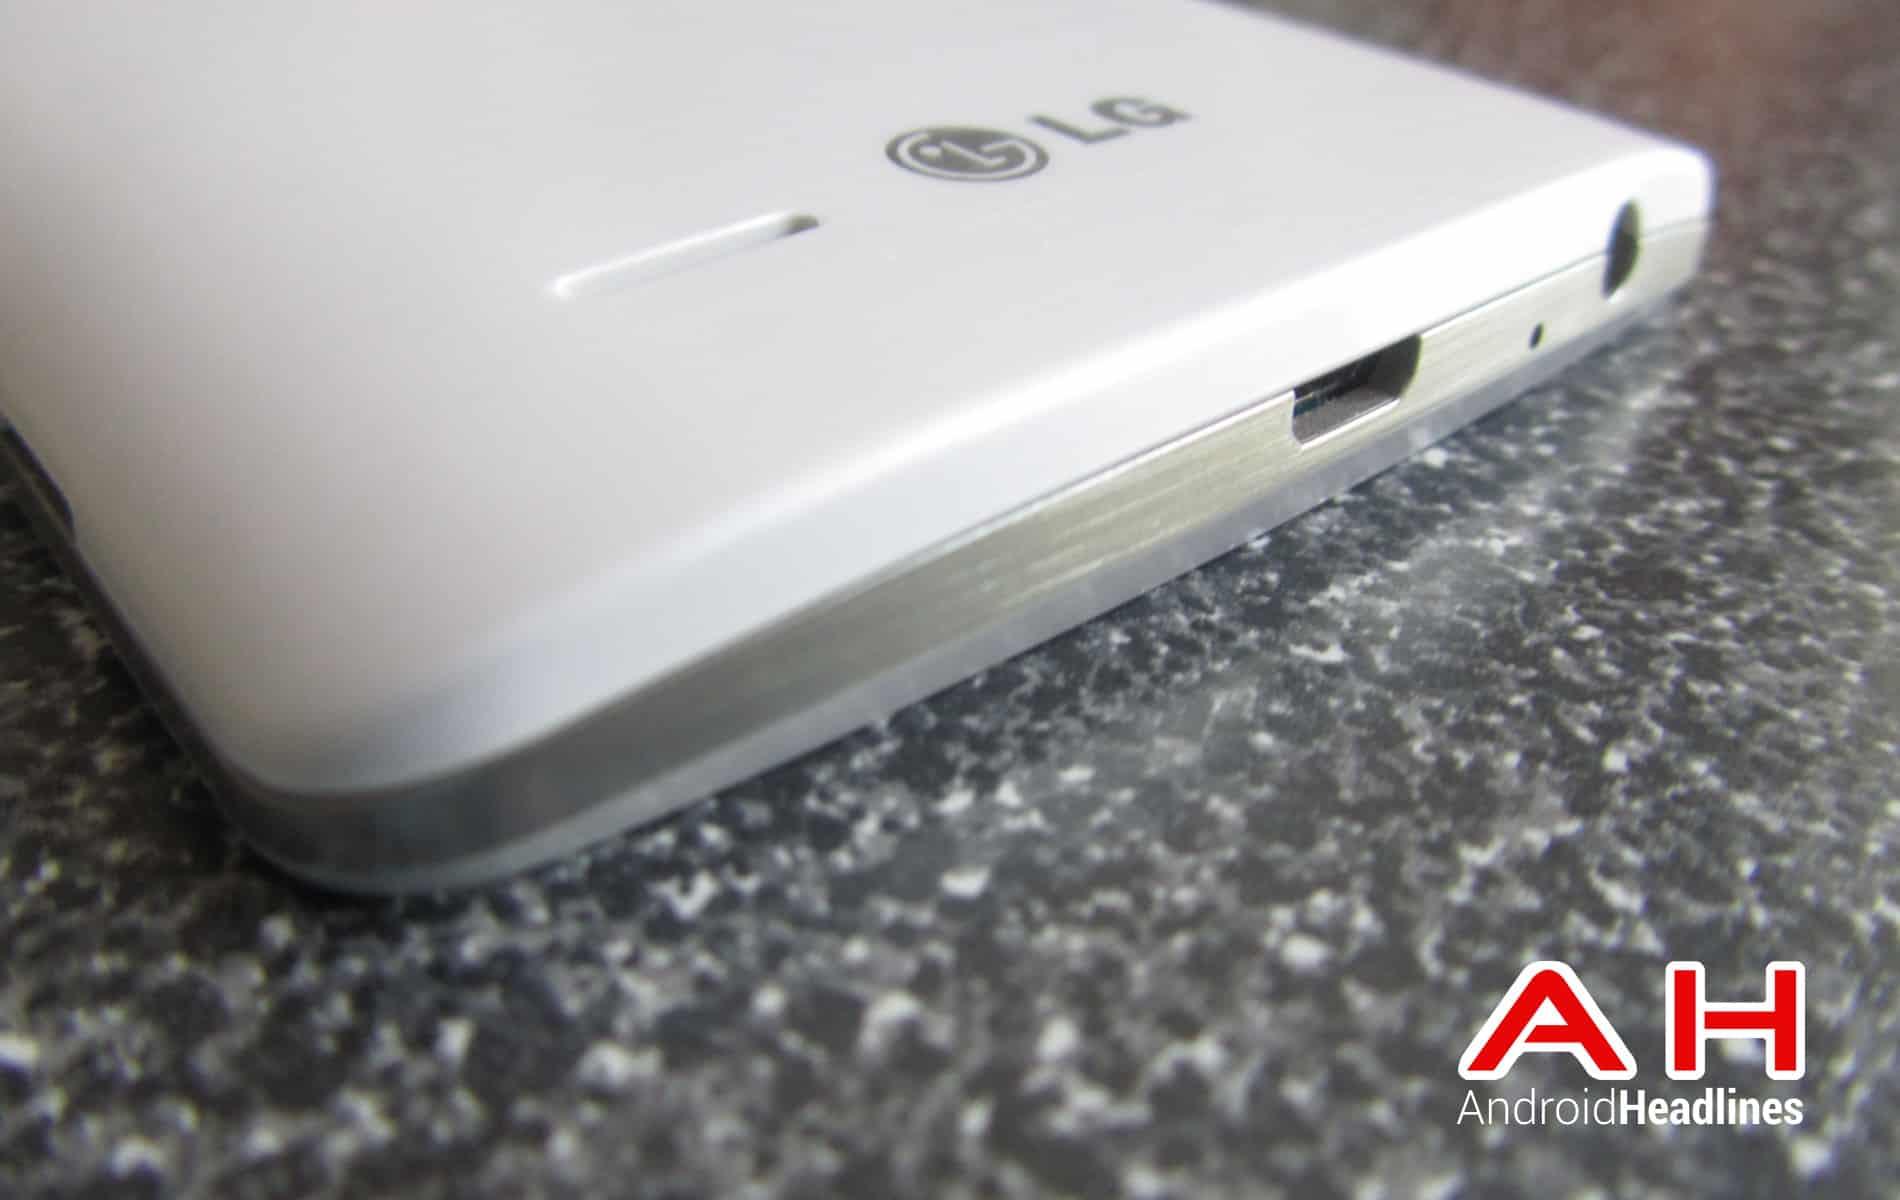 LG G3 Bottom Back 2 AH